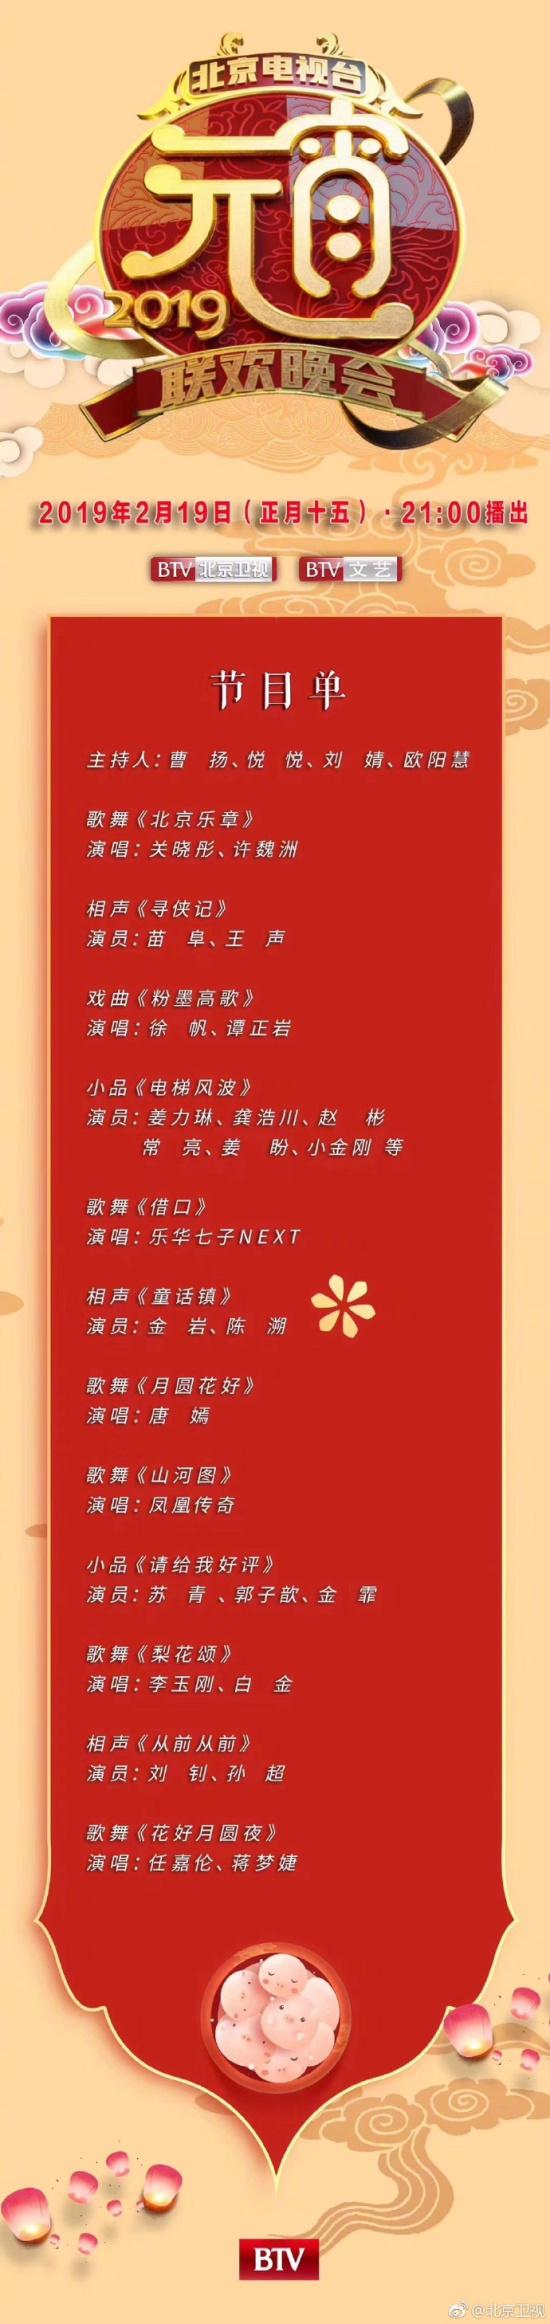 2019北京衛視元宵晚會節目單官方版圖片